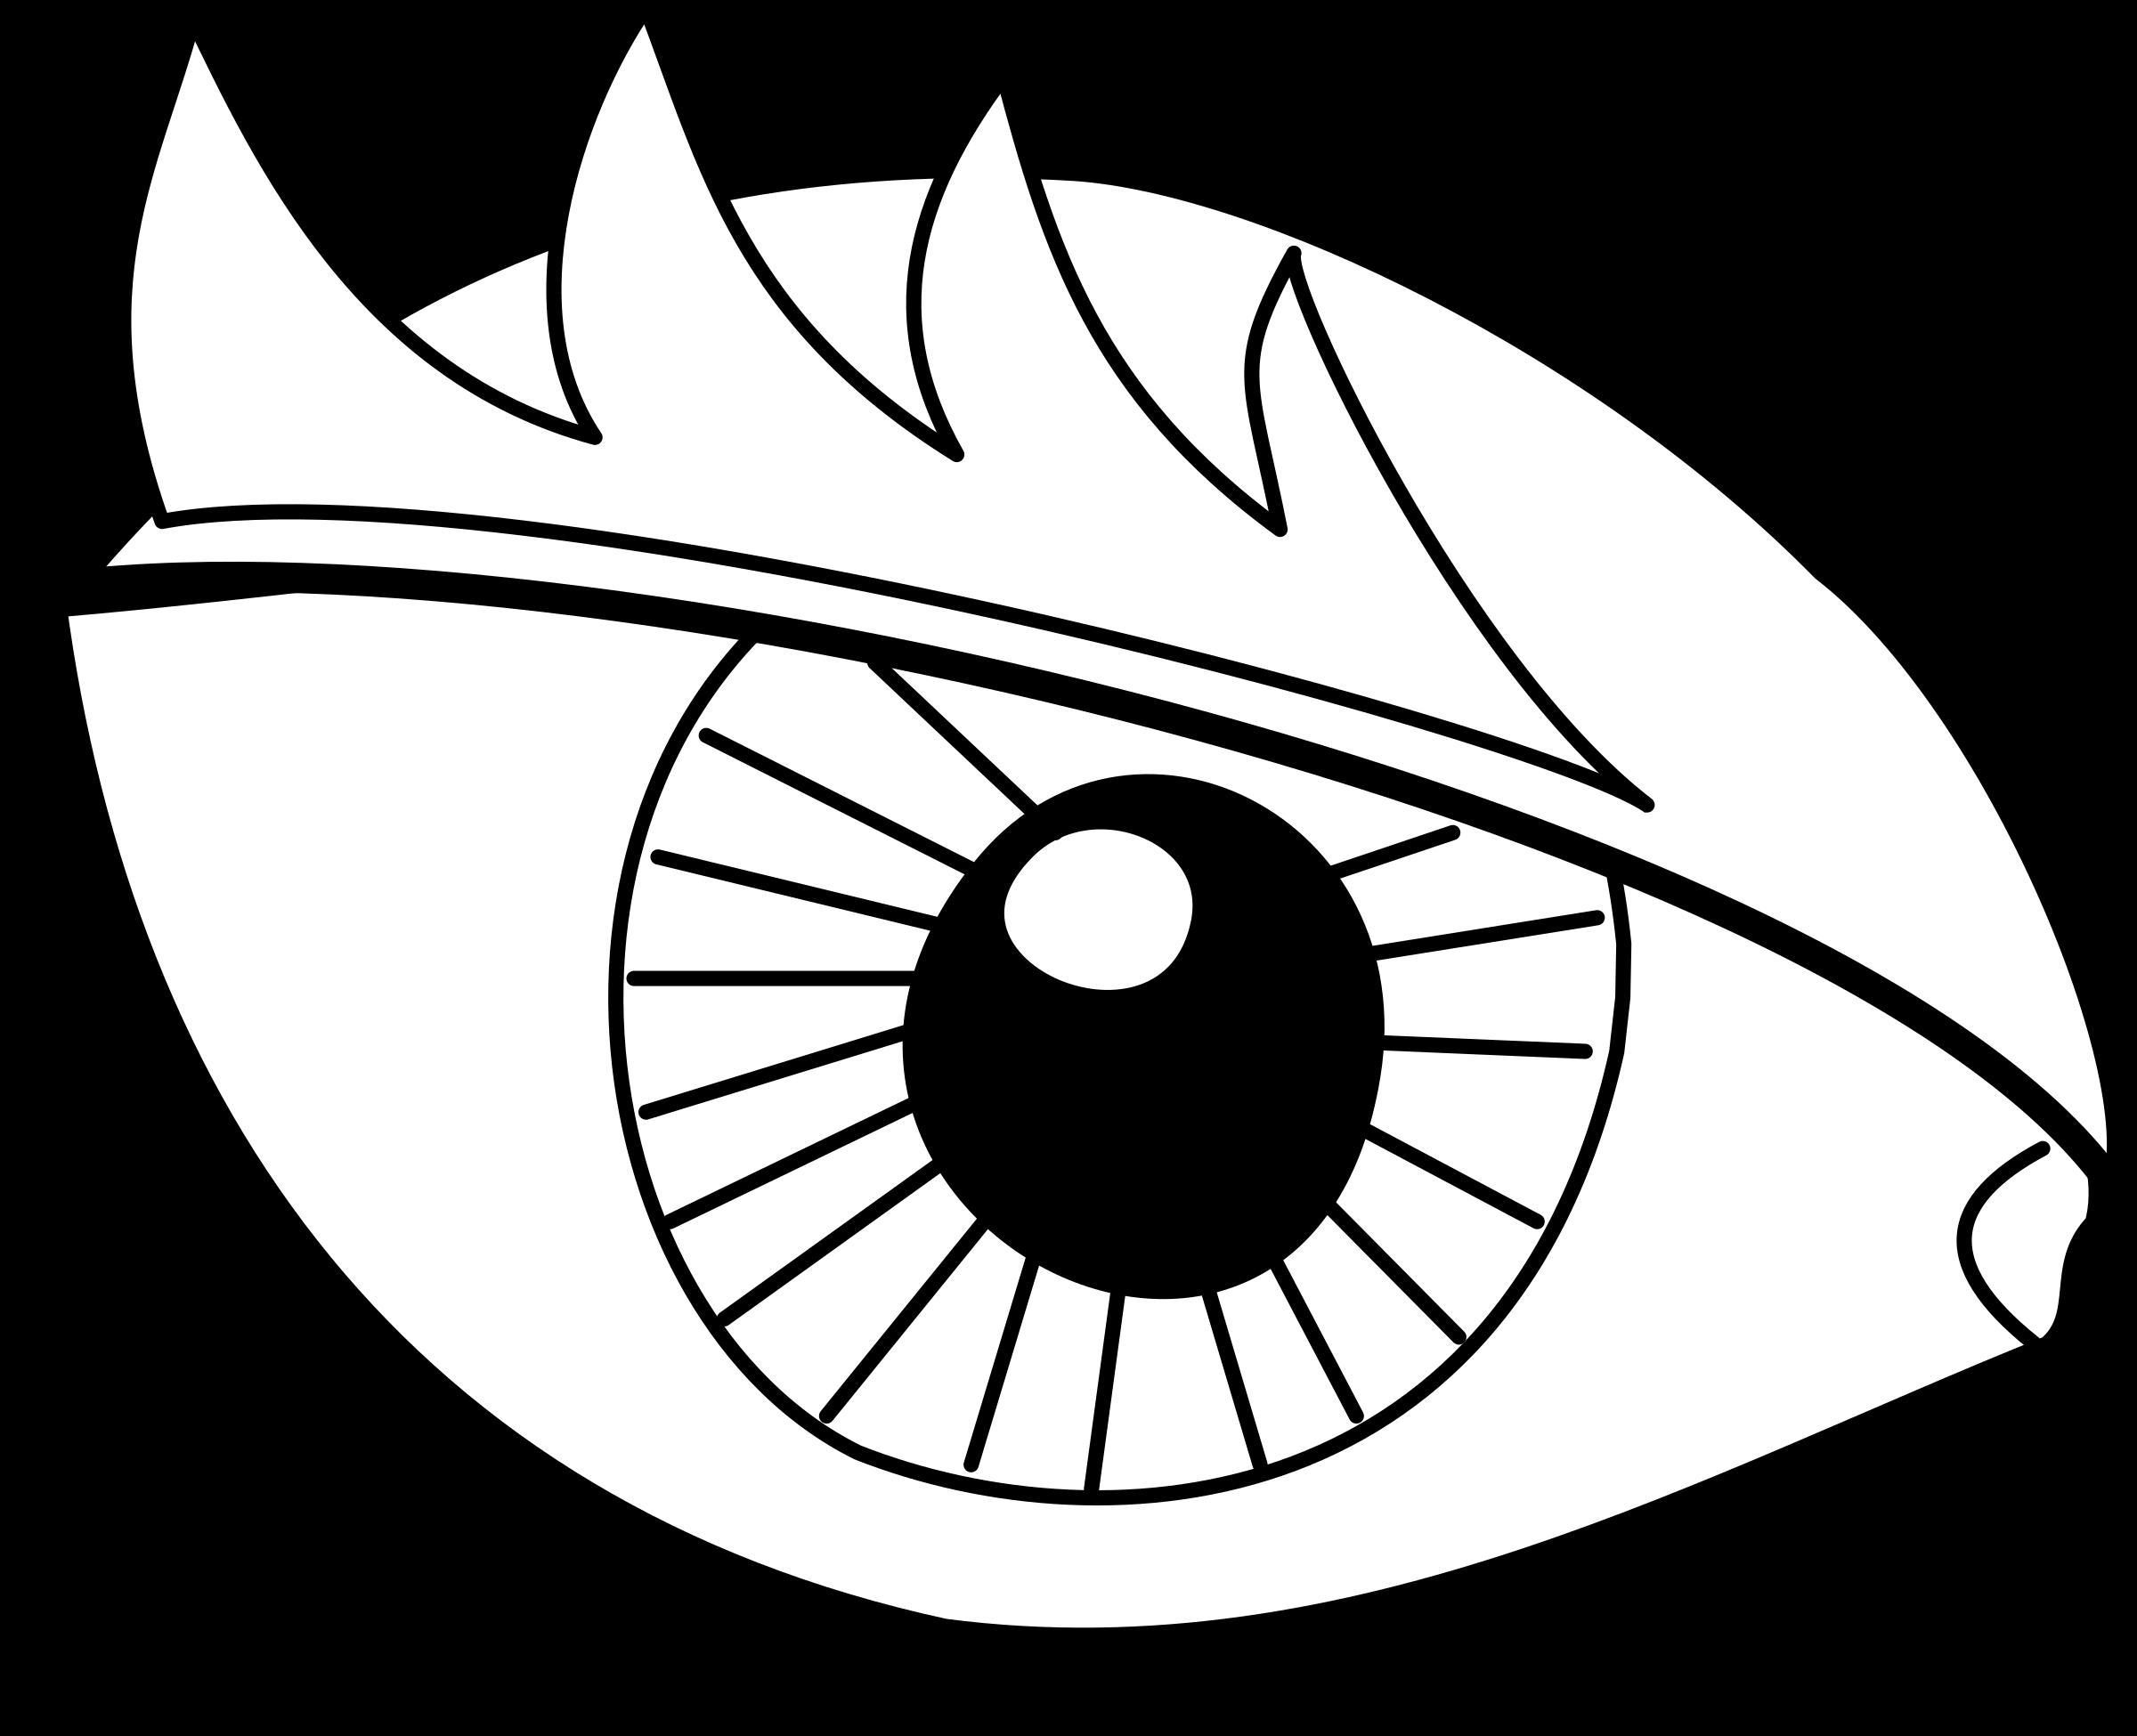 Глаз рисунок для детей раскраска